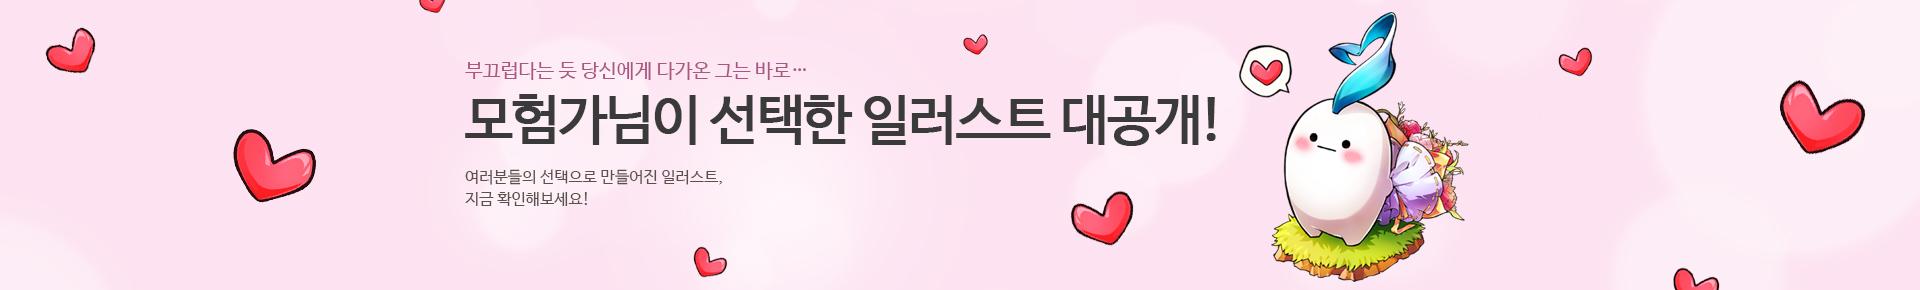 헤지호그 대공개